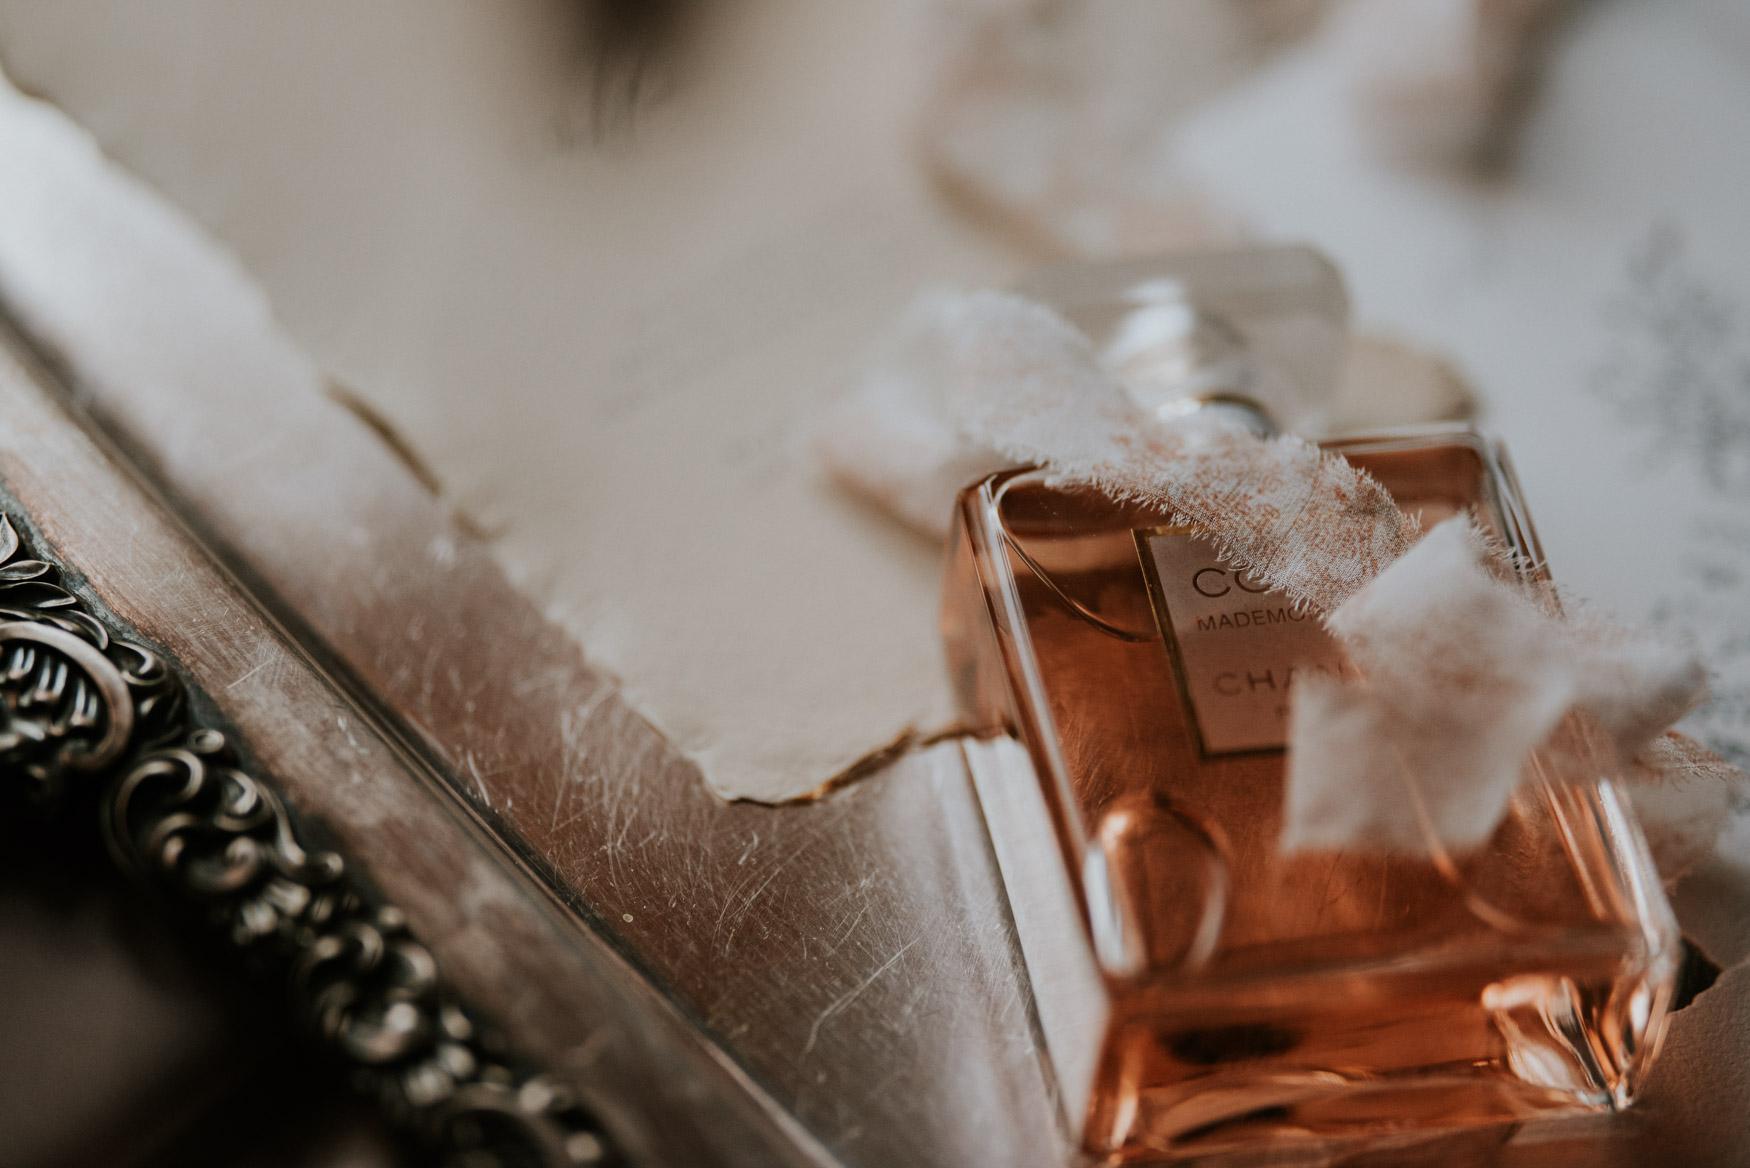 perfumy chanel pod jedwabną wstążką